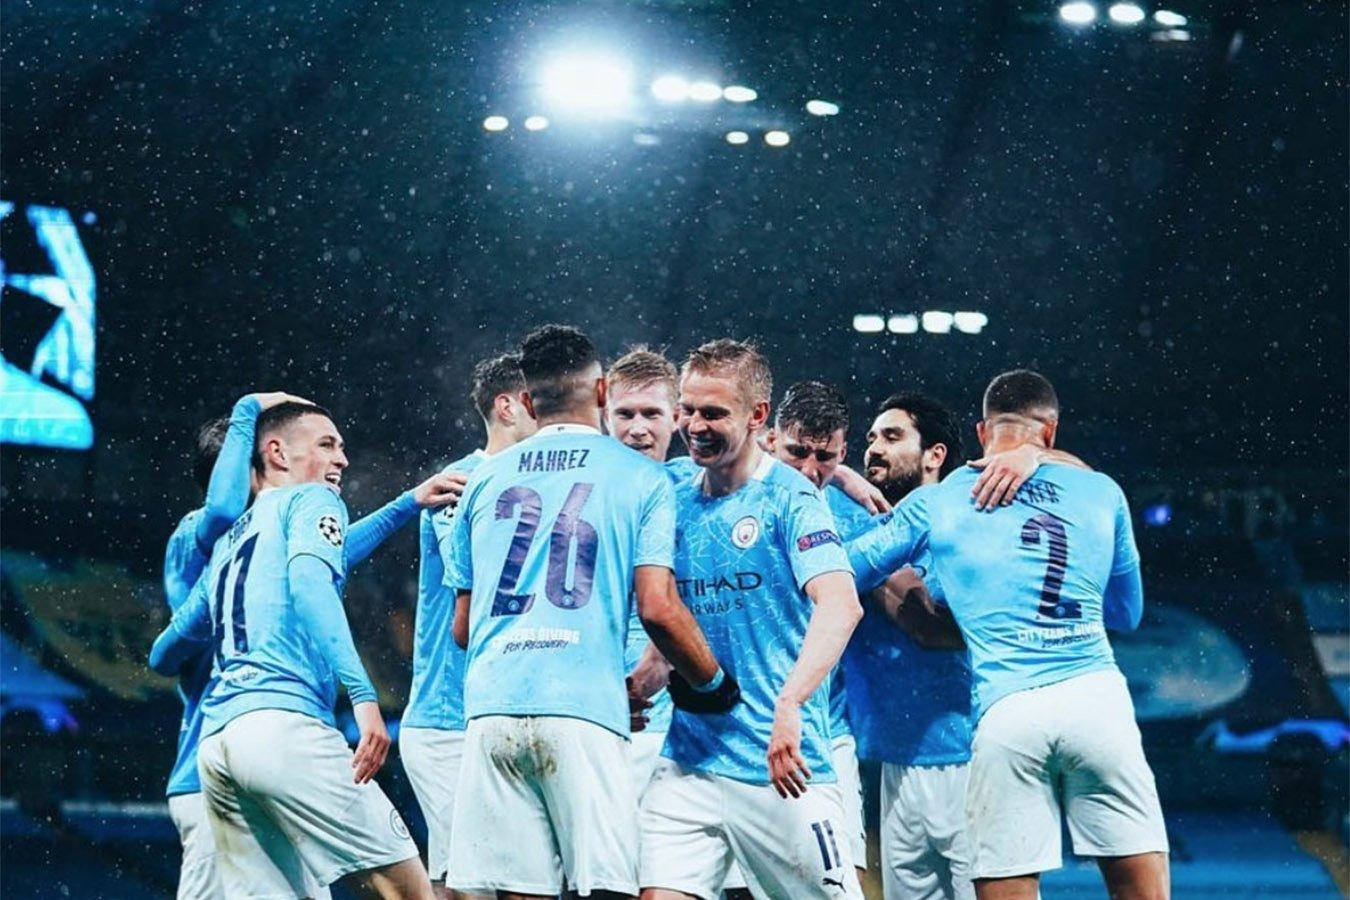 «Манчестер Сити» вышел в финал Лиги чемпионов, оставив за бортом турнира «ПСЖ»